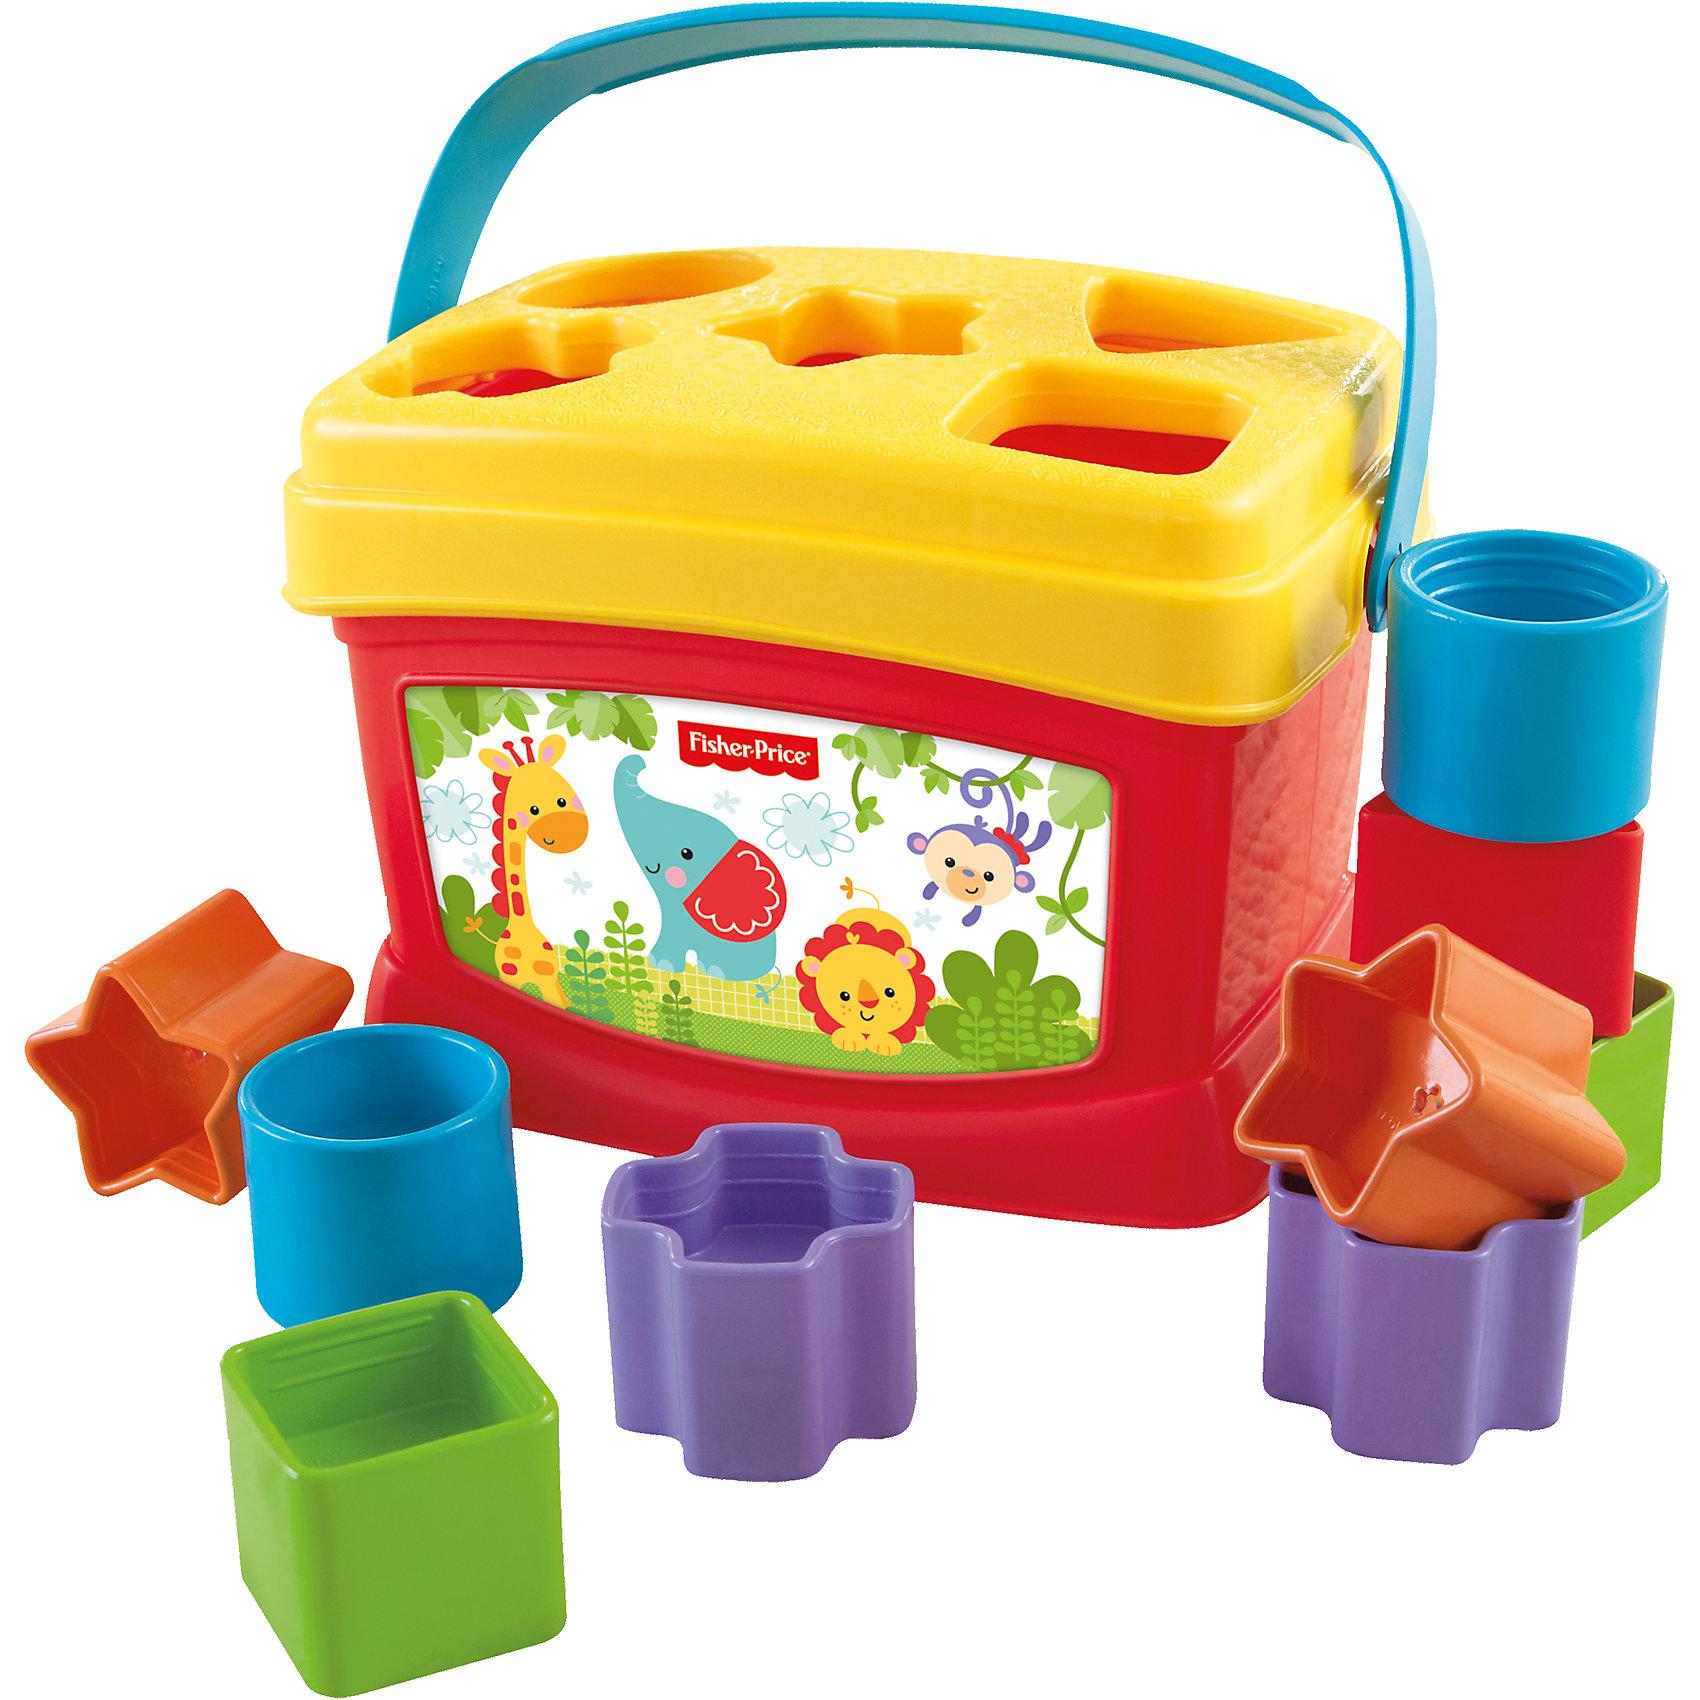 Fisher-Price Первые кубики малышаПервые кубики малыша от Fisher-Price. <br><br>В комплект входят 10 кубиков различной формы, а также яркое и прочное ведёрко. Во время игры малыш изучает различные формы, ведь чтобы кубик оказался в ведёрке, сначала нужно найти подходящие отверстие. У ведёрка есть удобная ручка, поэтому Вы всегда сможете взять его с собой. <br><br>Дополнительная информация:<br><br>- Материал: пластик<br>- Размер упаковки (д/ш/в): 21,6х14х14 см<br><br>Ширина мм: 212<br>Глубина мм: 147<br>Высота мм: 142<br>Вес г: 422<br>Возраст от месяцев: 6<br>Возраст до месяцев: 24<br>Пол: Унисекс<br>Возраст: Детский<br>SKU: 1595772